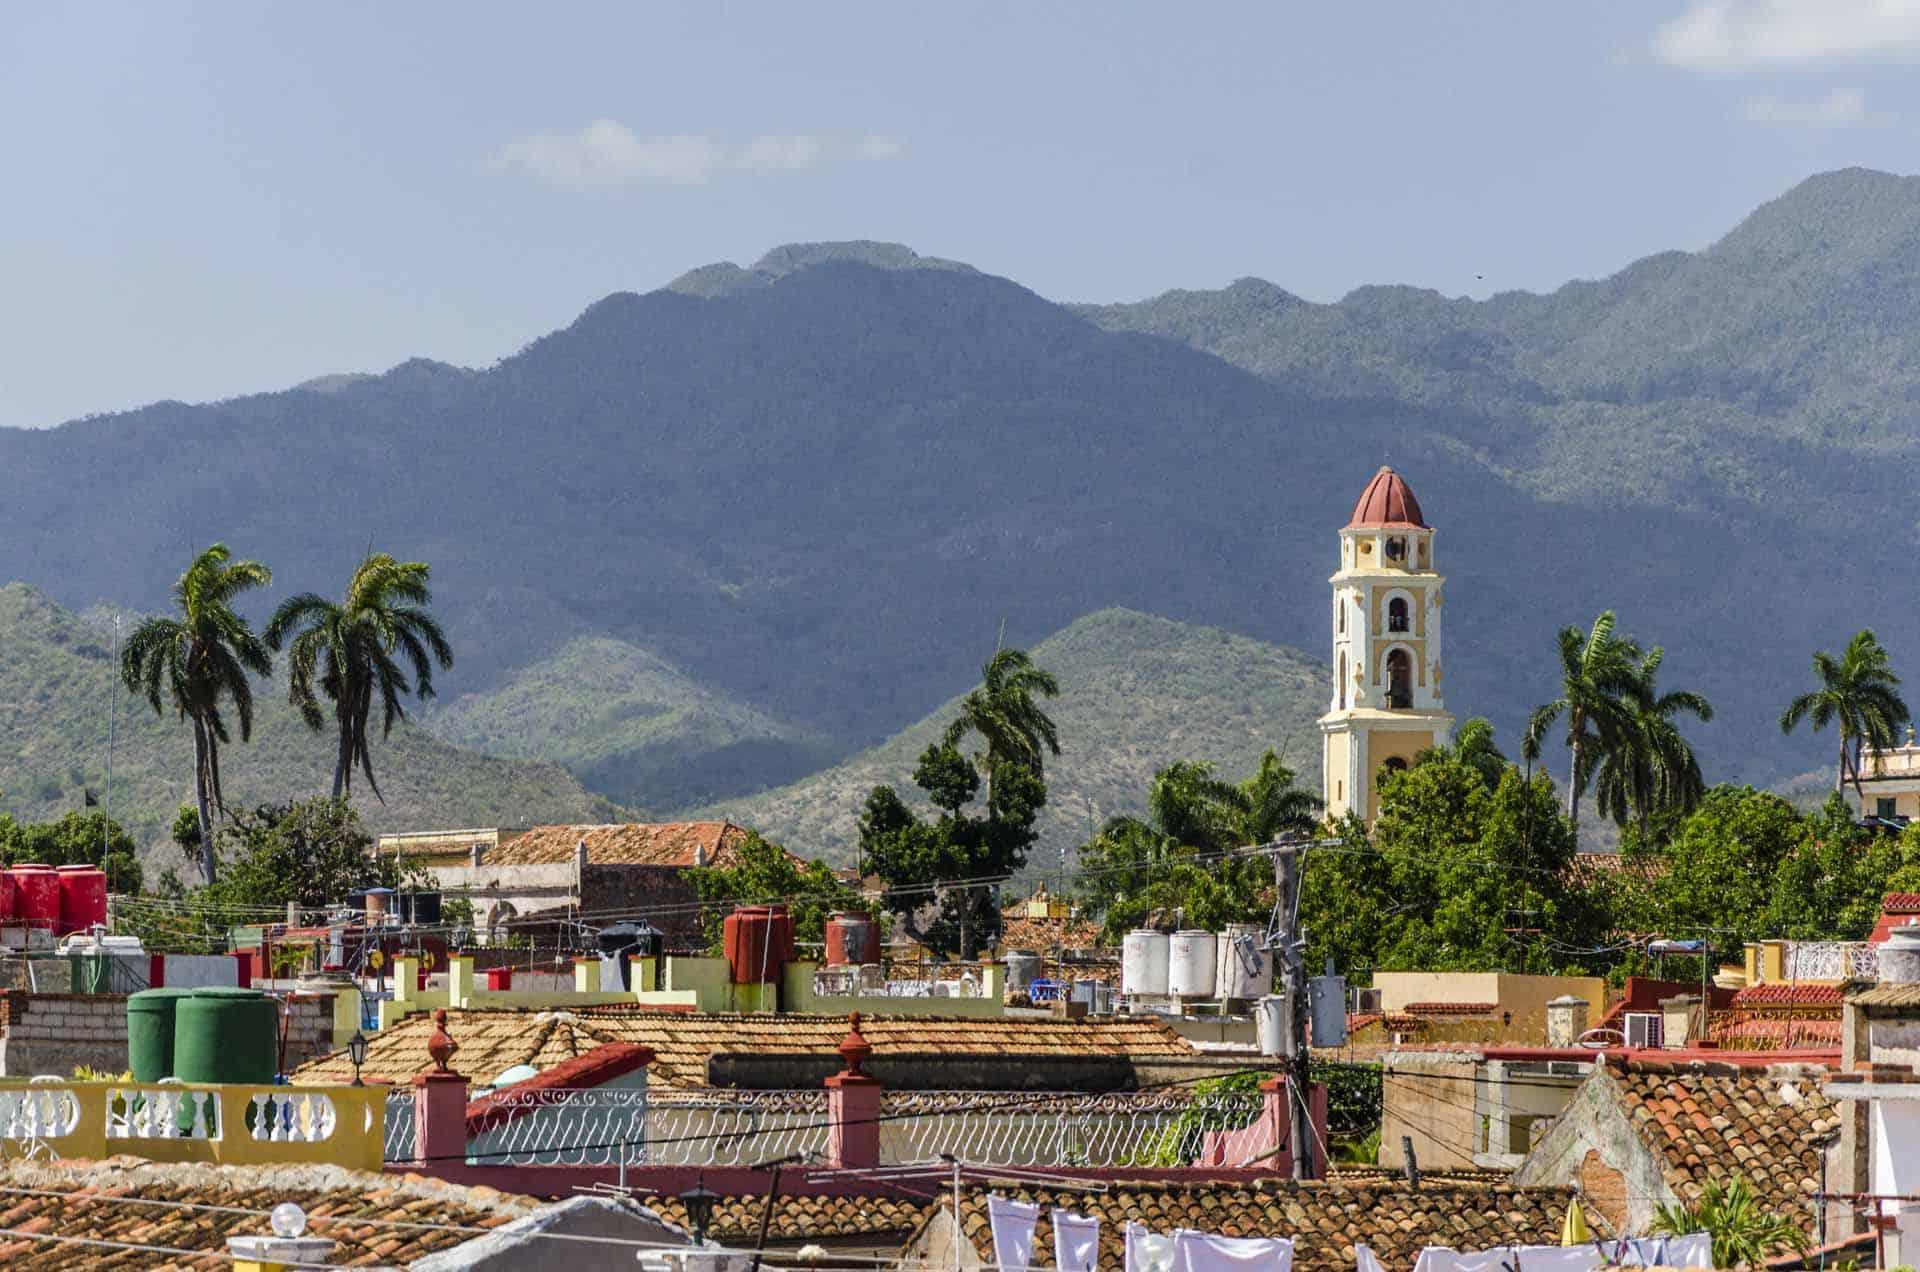 trinidad vue ville montagnes cite coloniale cuba autrement 1